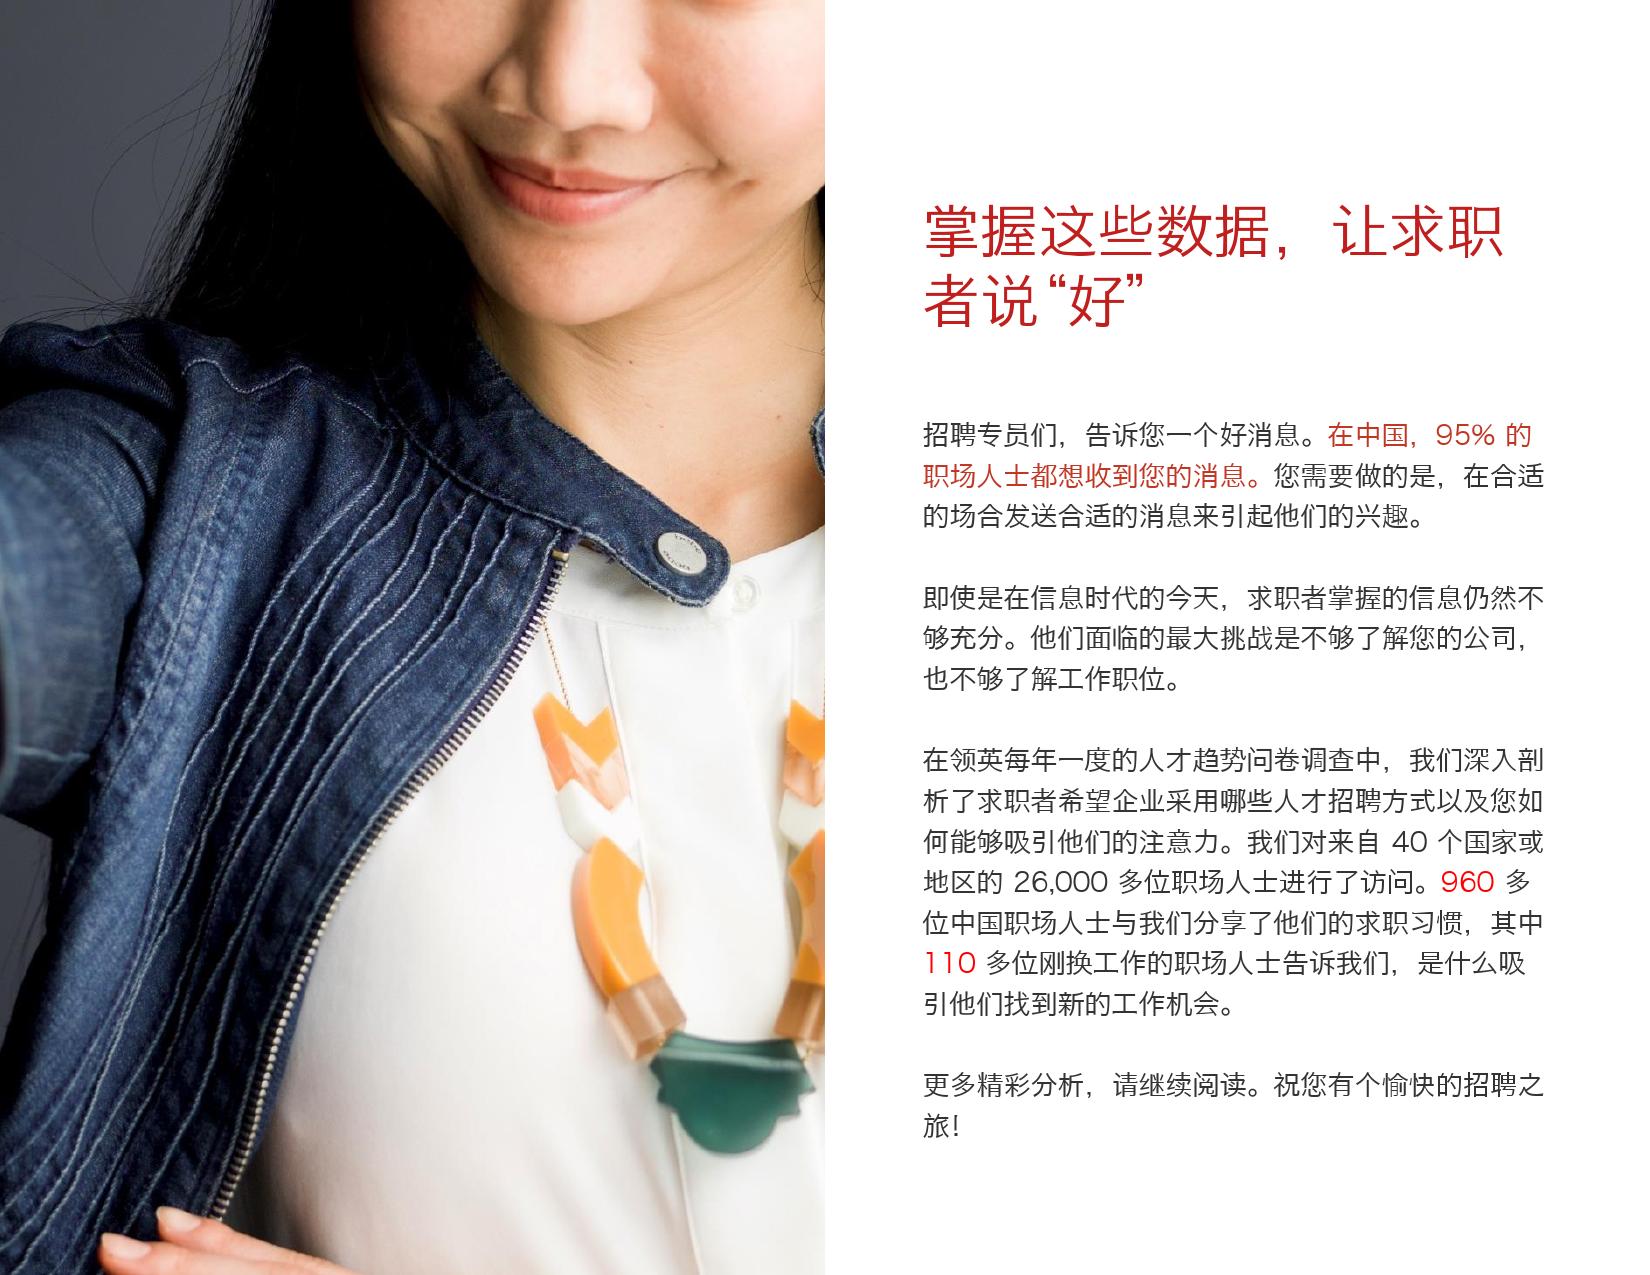 2016年中国人才趋势报告_000002